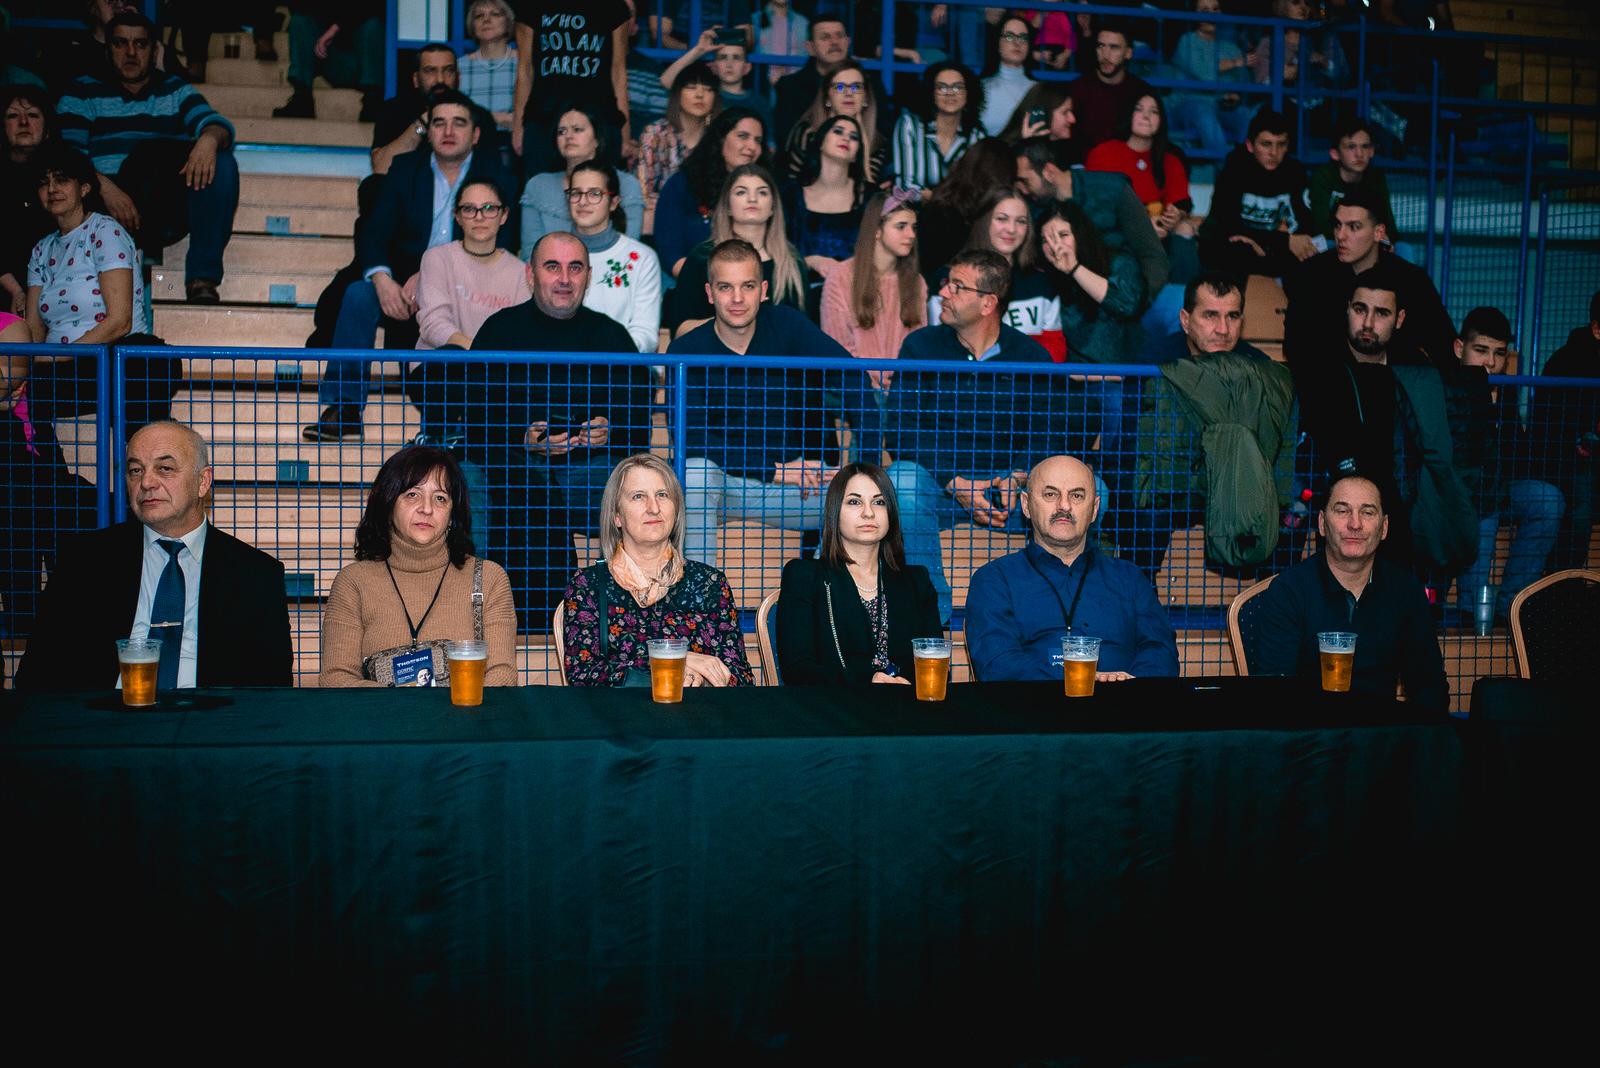 likaclub_gospić_koncert-thompson_2018-27